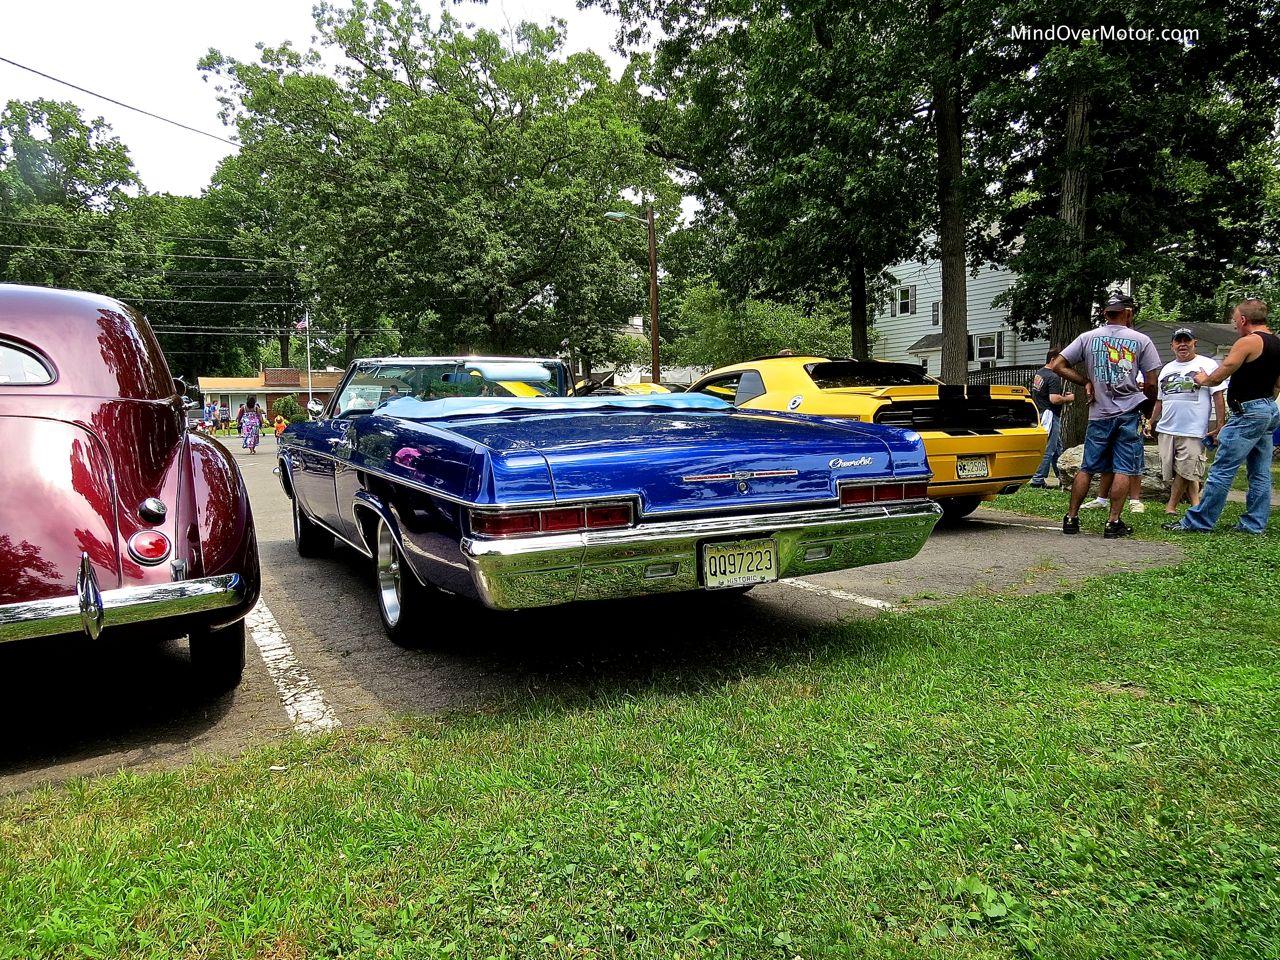 1966 Chevrolet Impala Rear